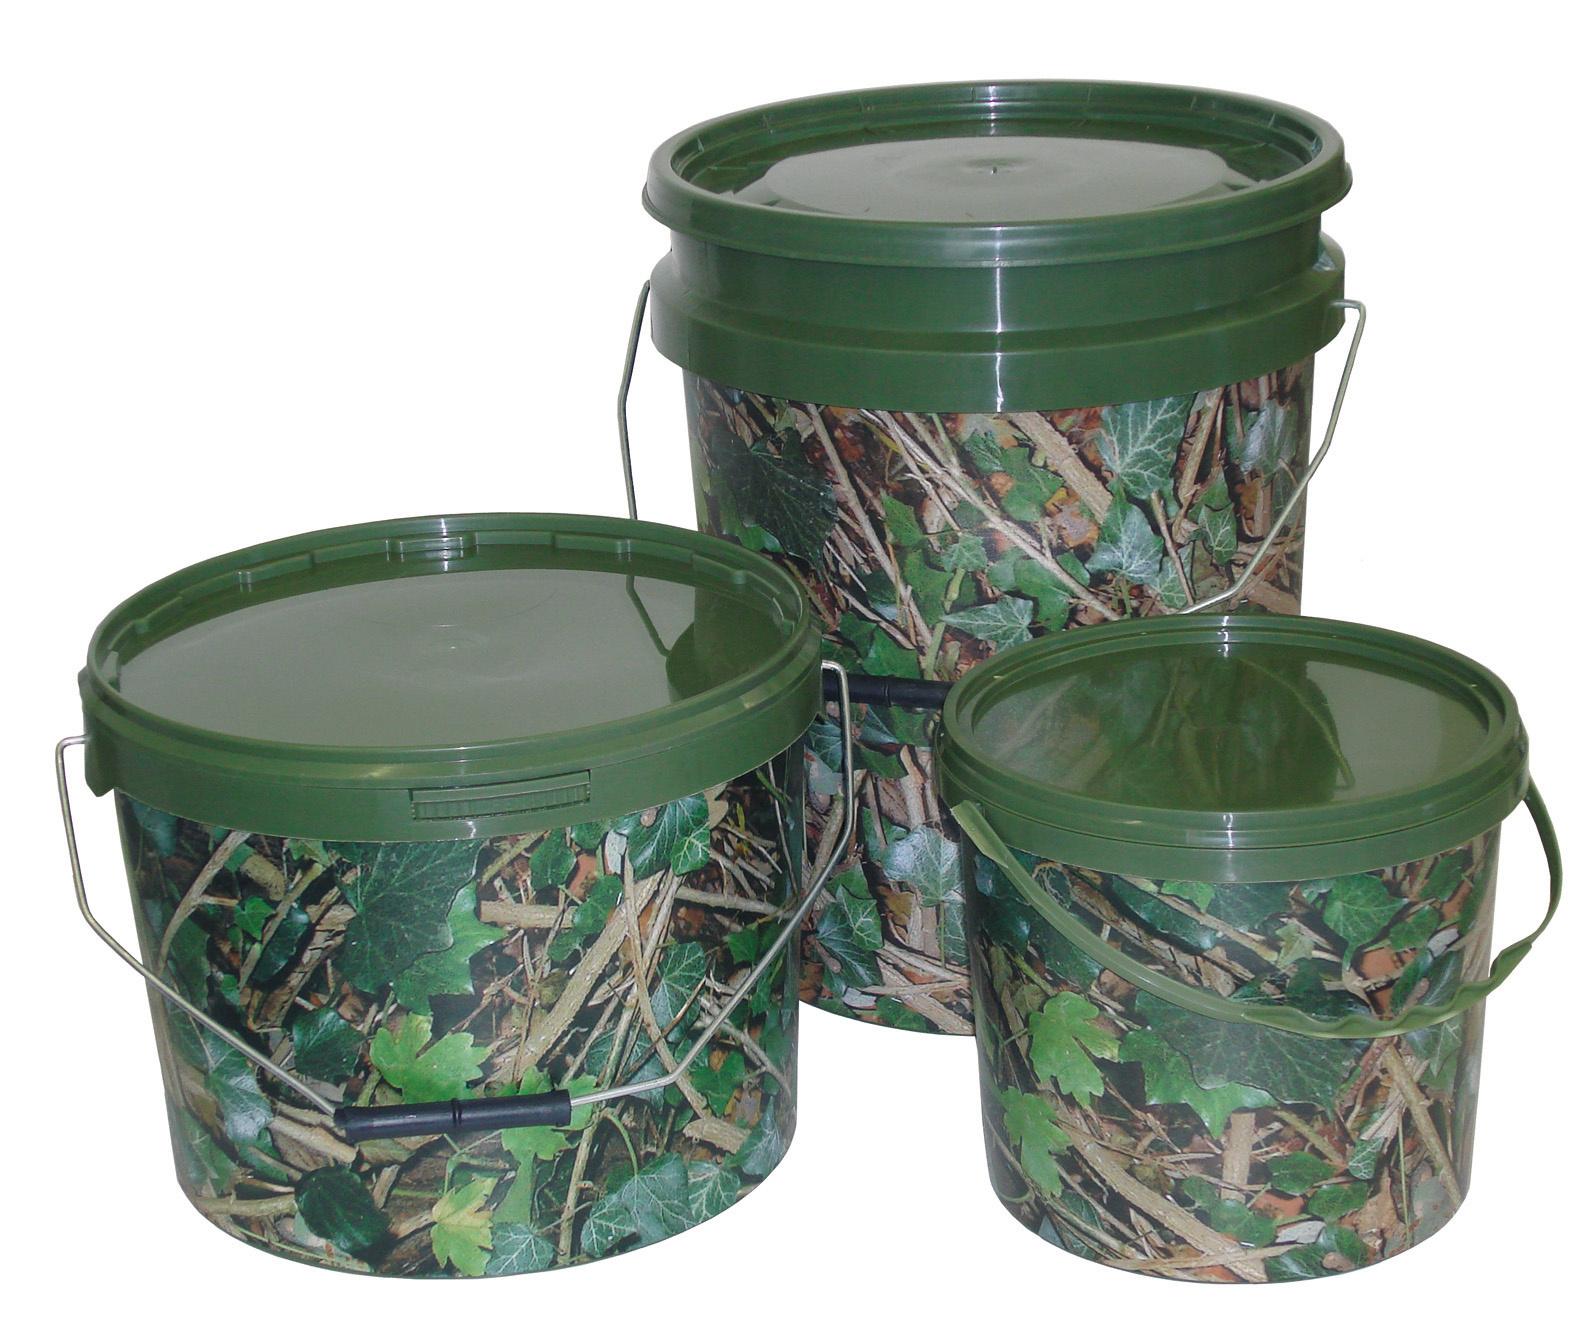 Behr kbelík na krmení Camou